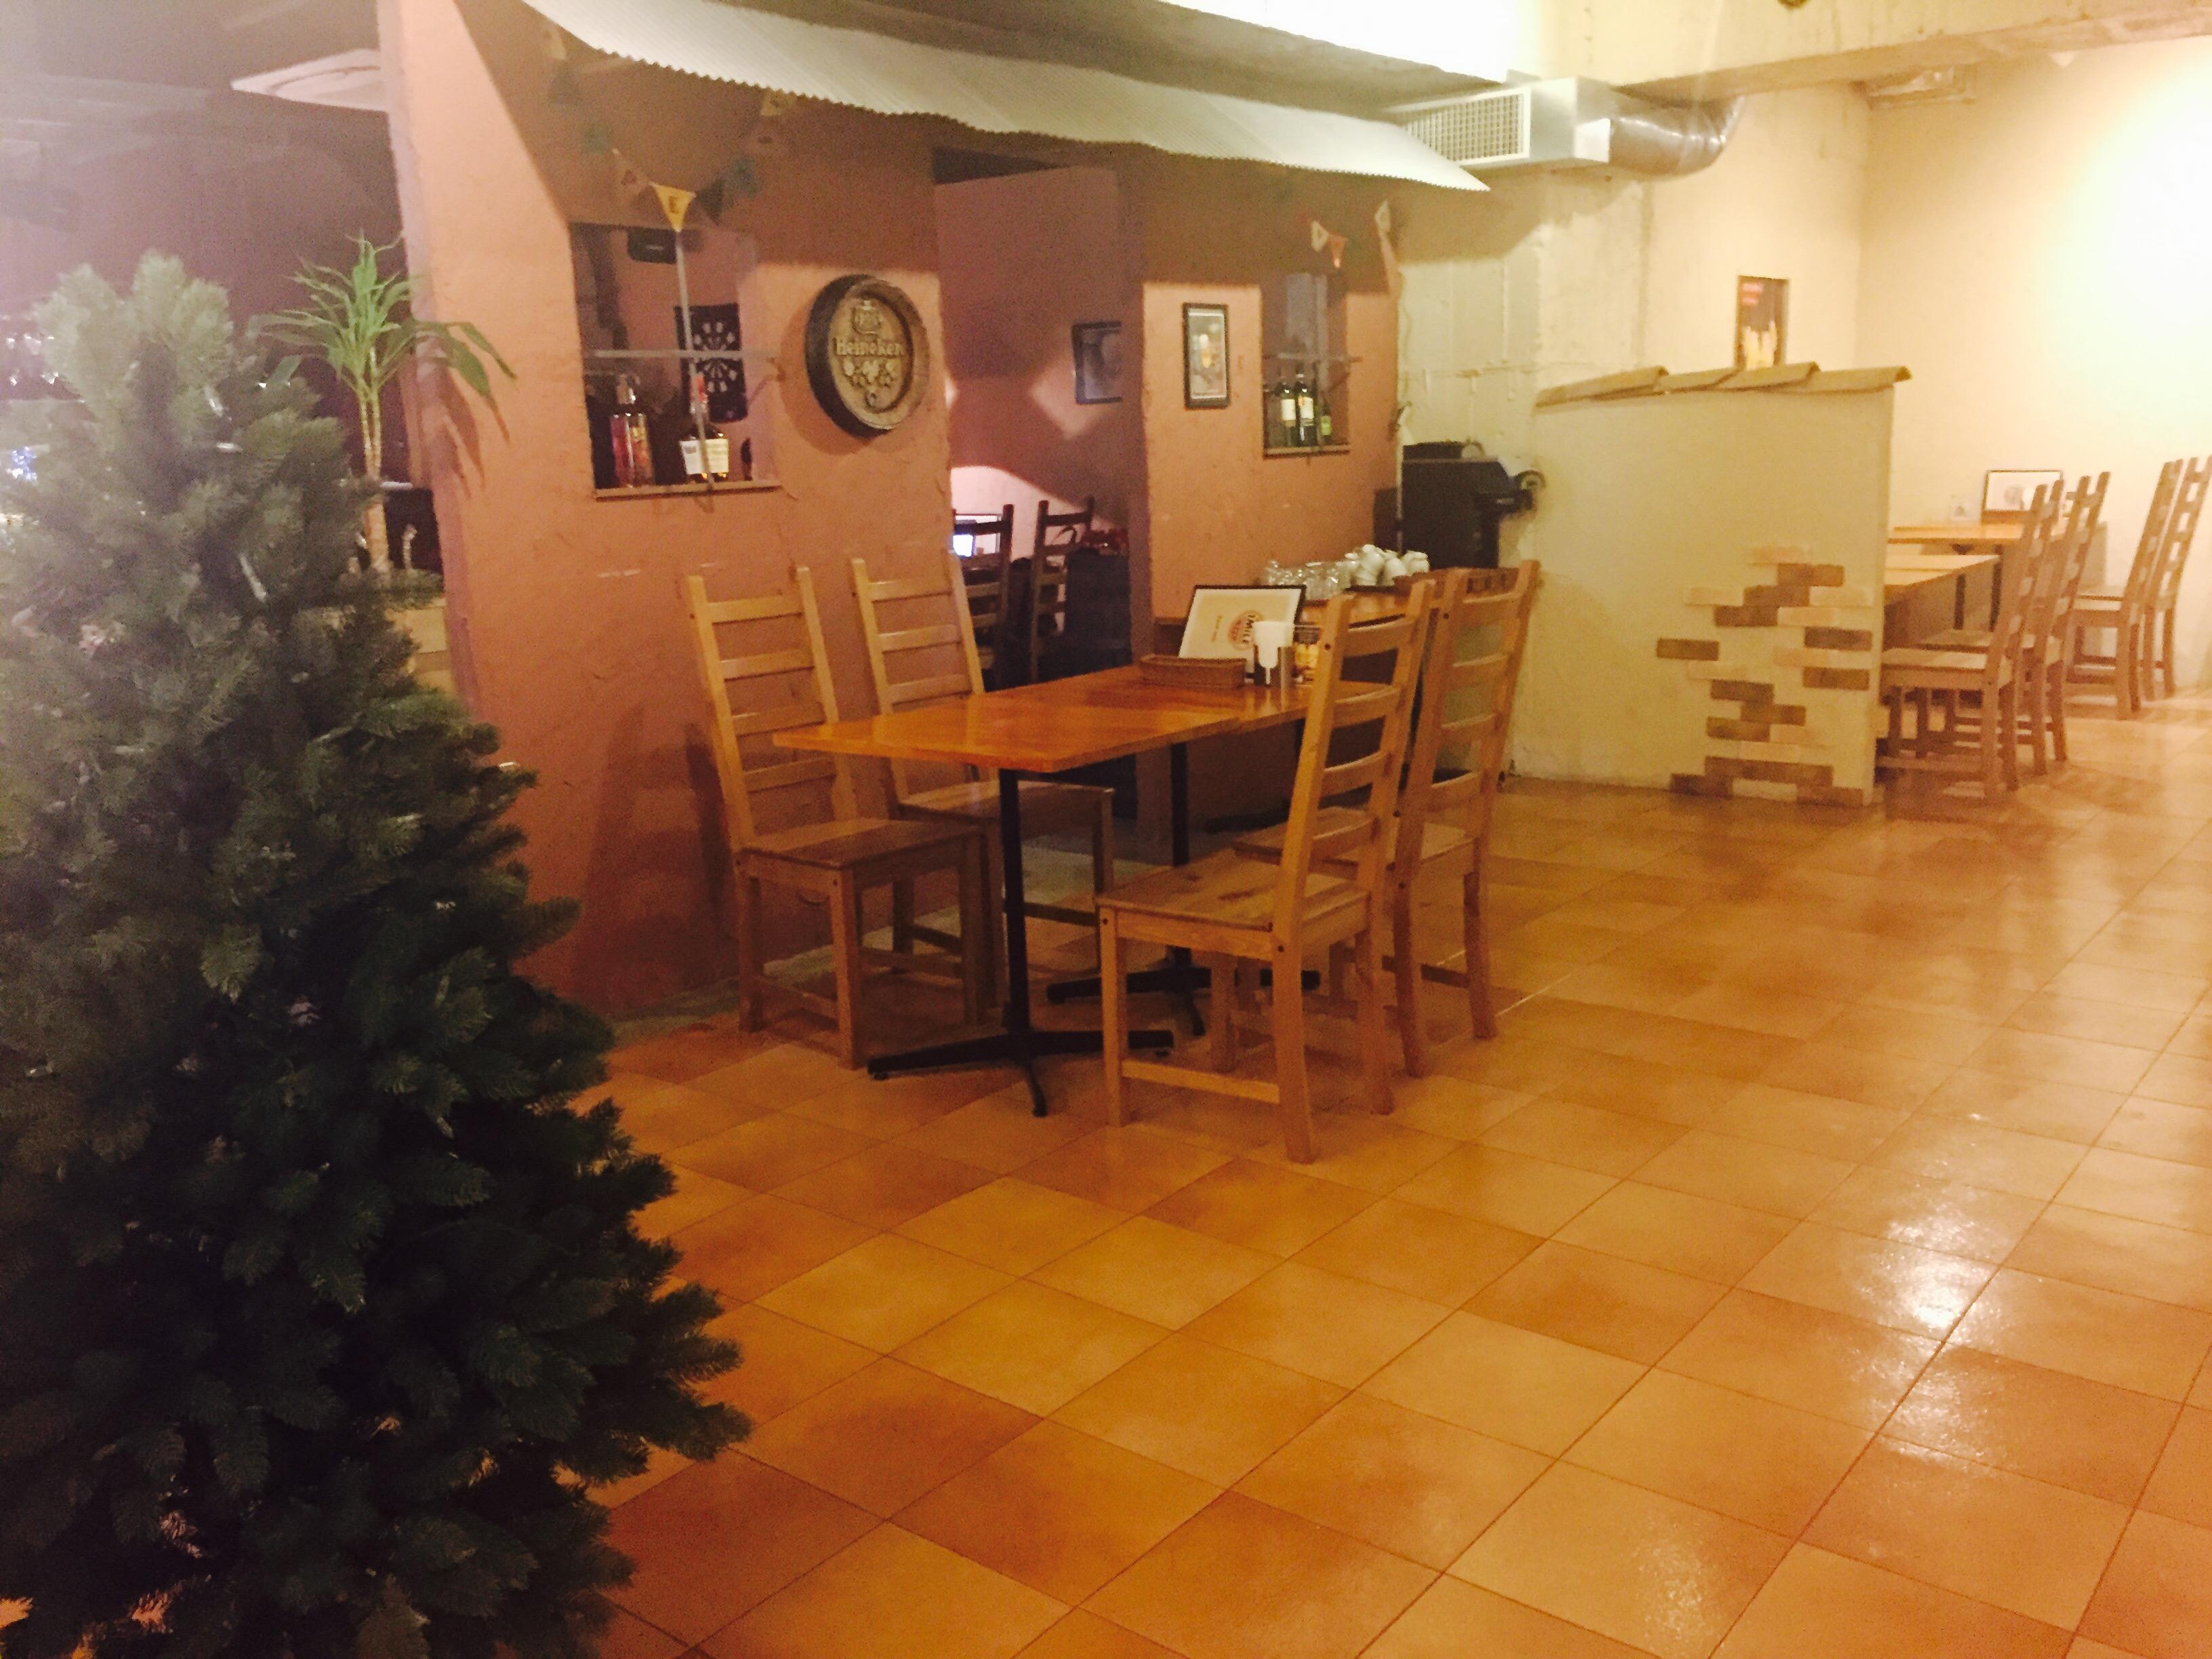 【日本橋】レストラン仕様の本格キッチンとBARスペースが魅力!「ワンマイル茅場町」